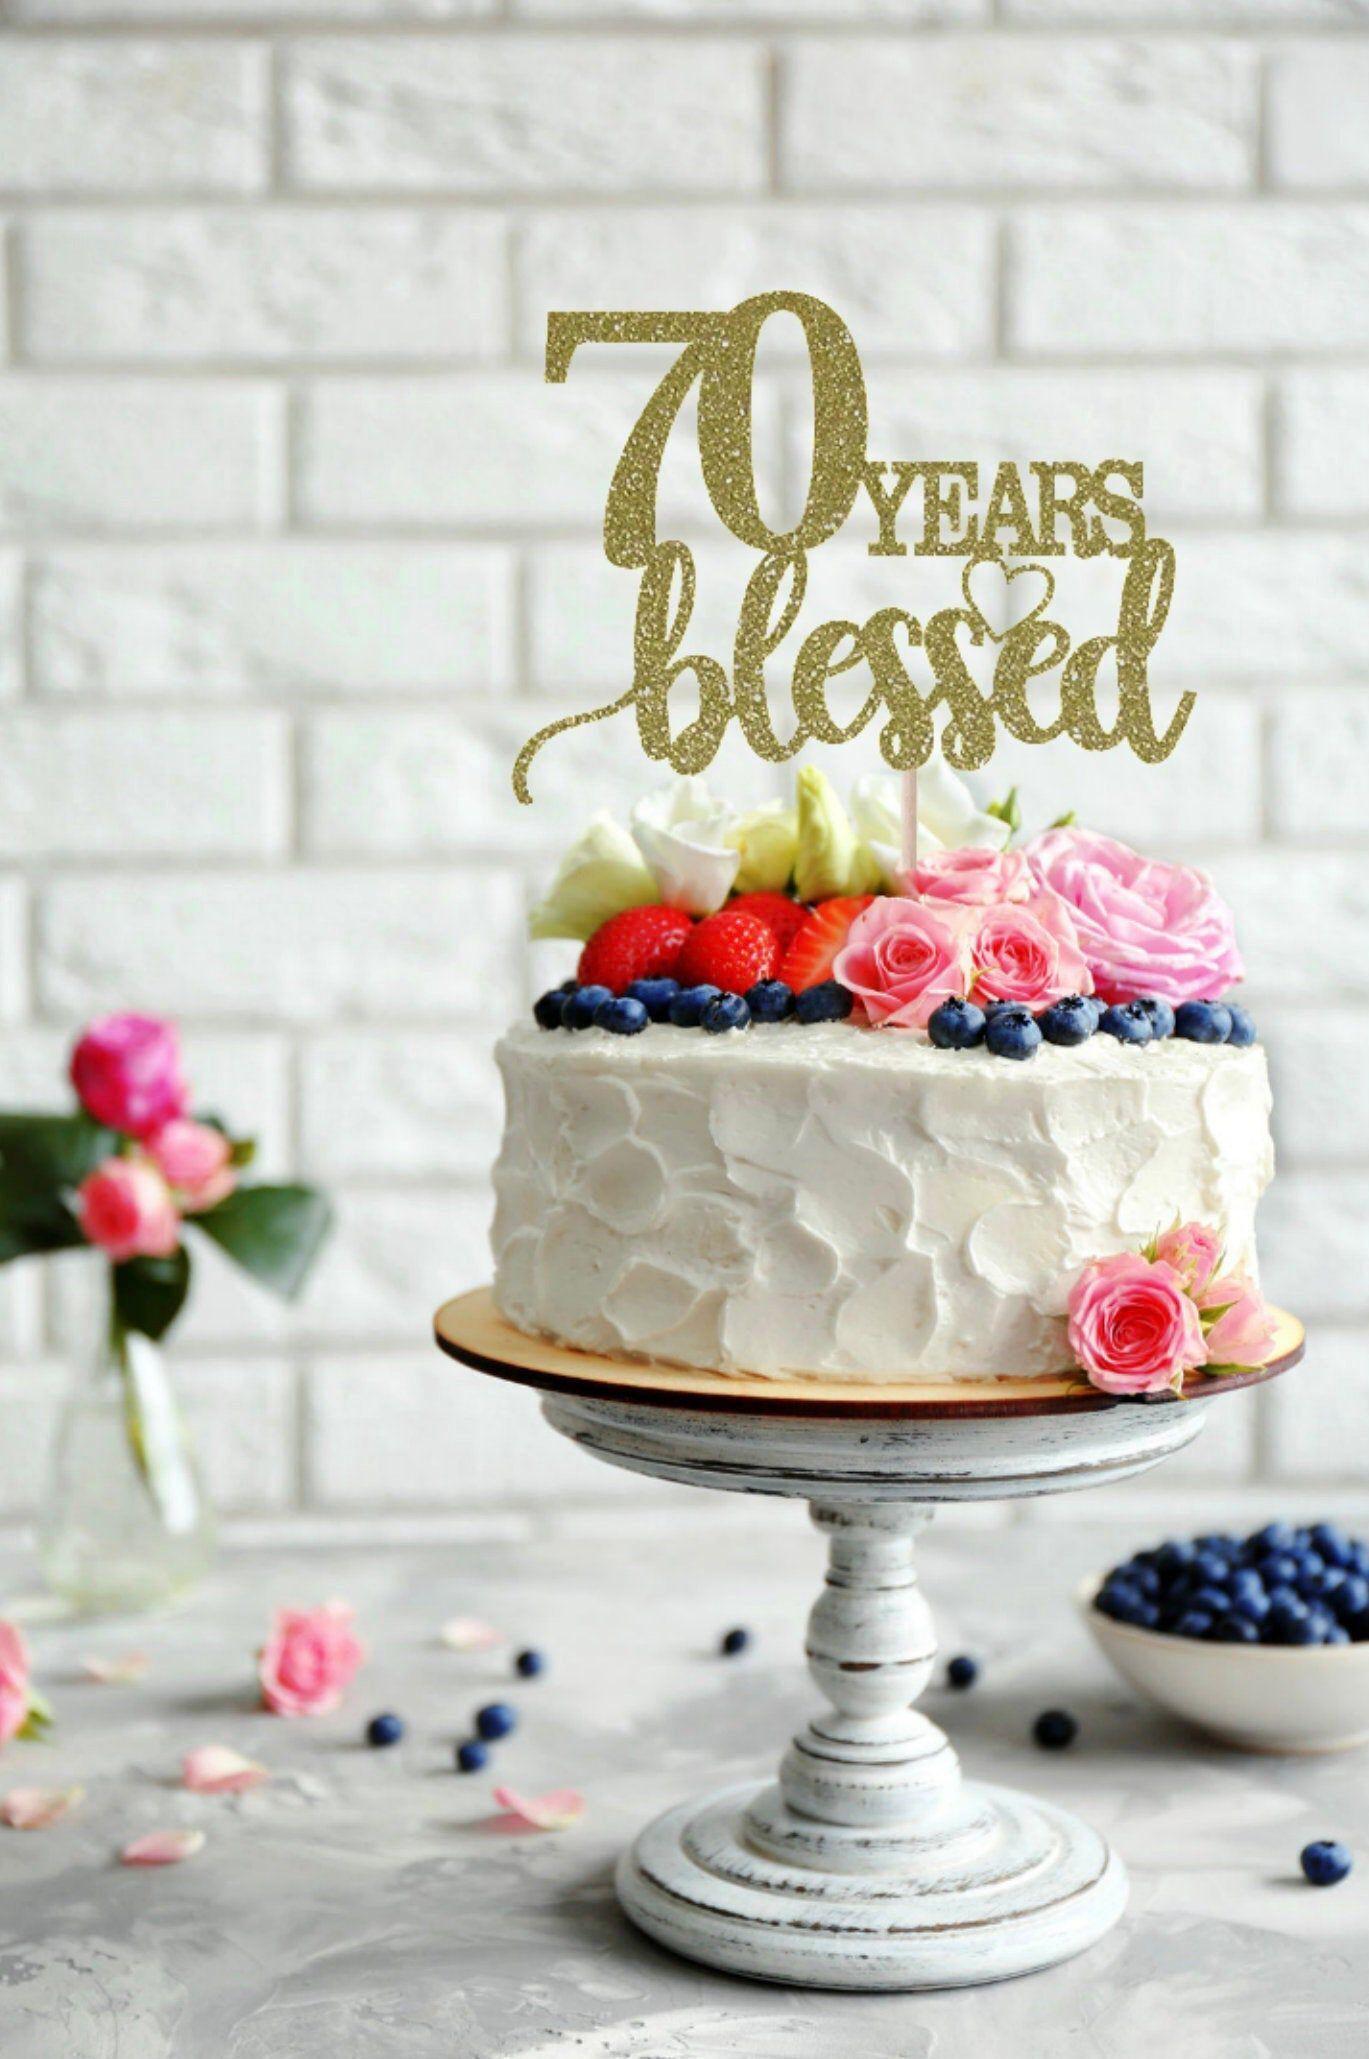 70 Ans De Gateau Beni 70e Anniversaire De Gateau Joyeux 70e Gateau Danniversaire 70 Ans Aimes Love Cake Topper 30th Birthday Cake Topper Birthday Cake Toppers